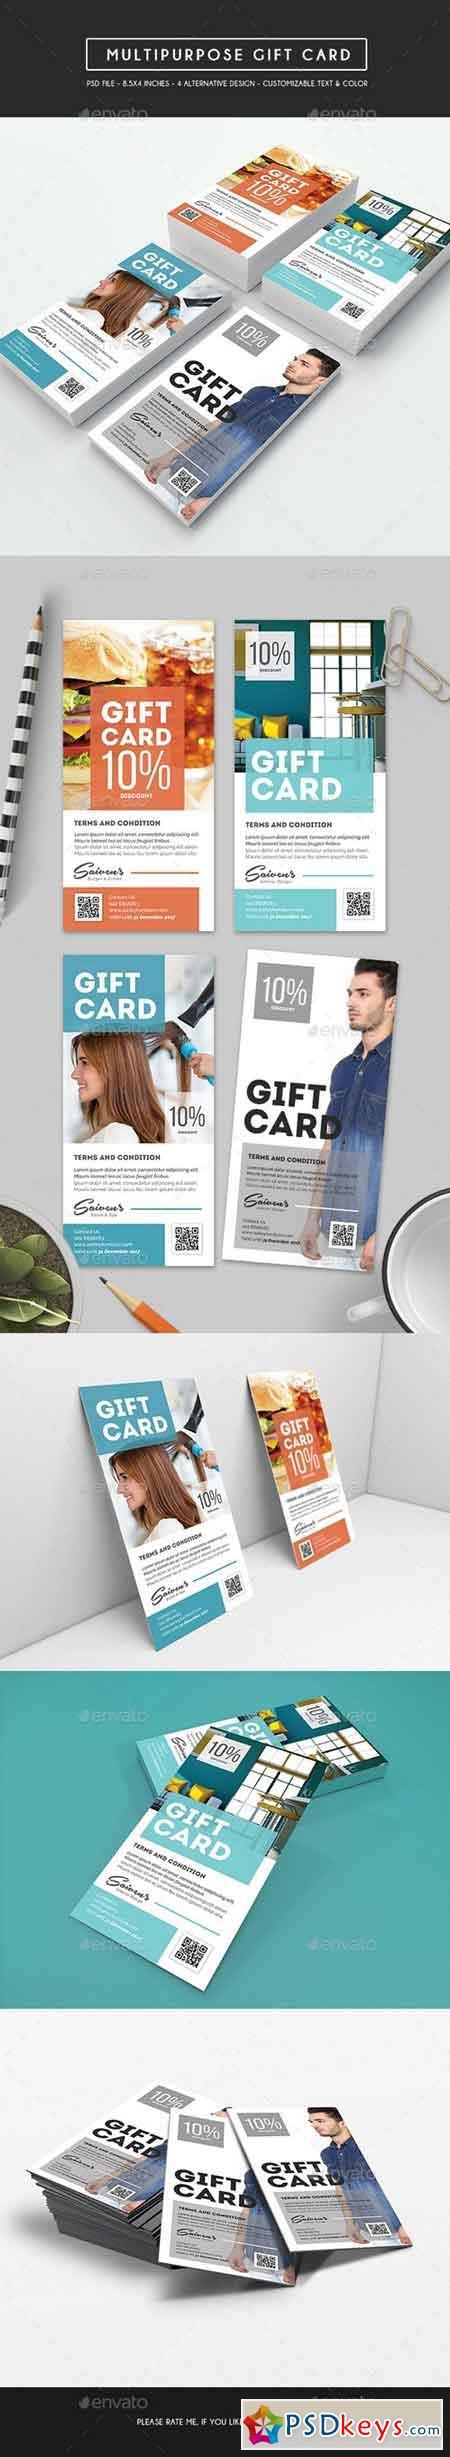 Multipurpose Voucher Gift Card 17211490